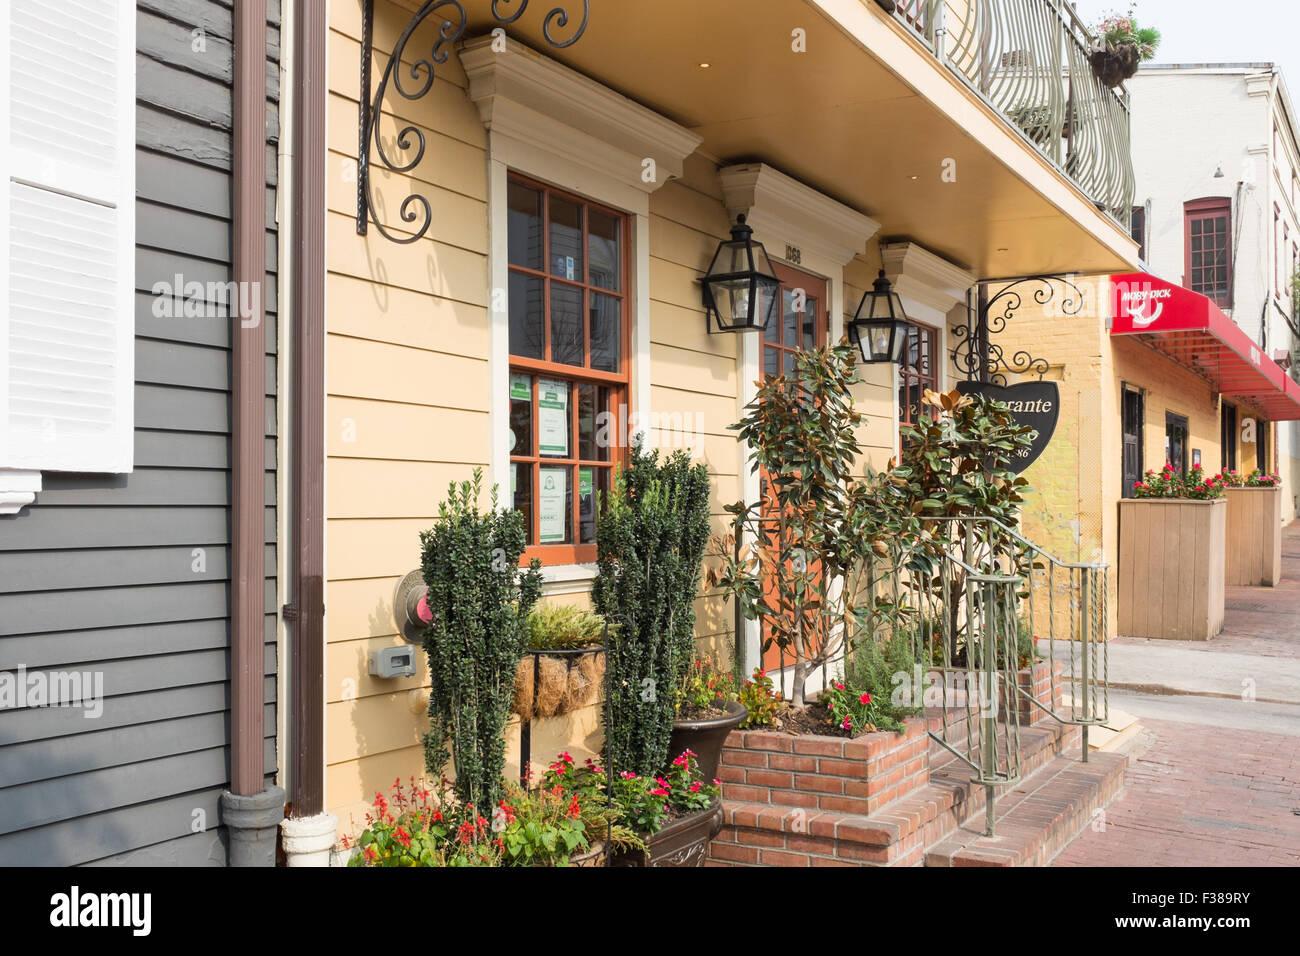 Ristorante Piccolo Italian Restaurant In Georgetown